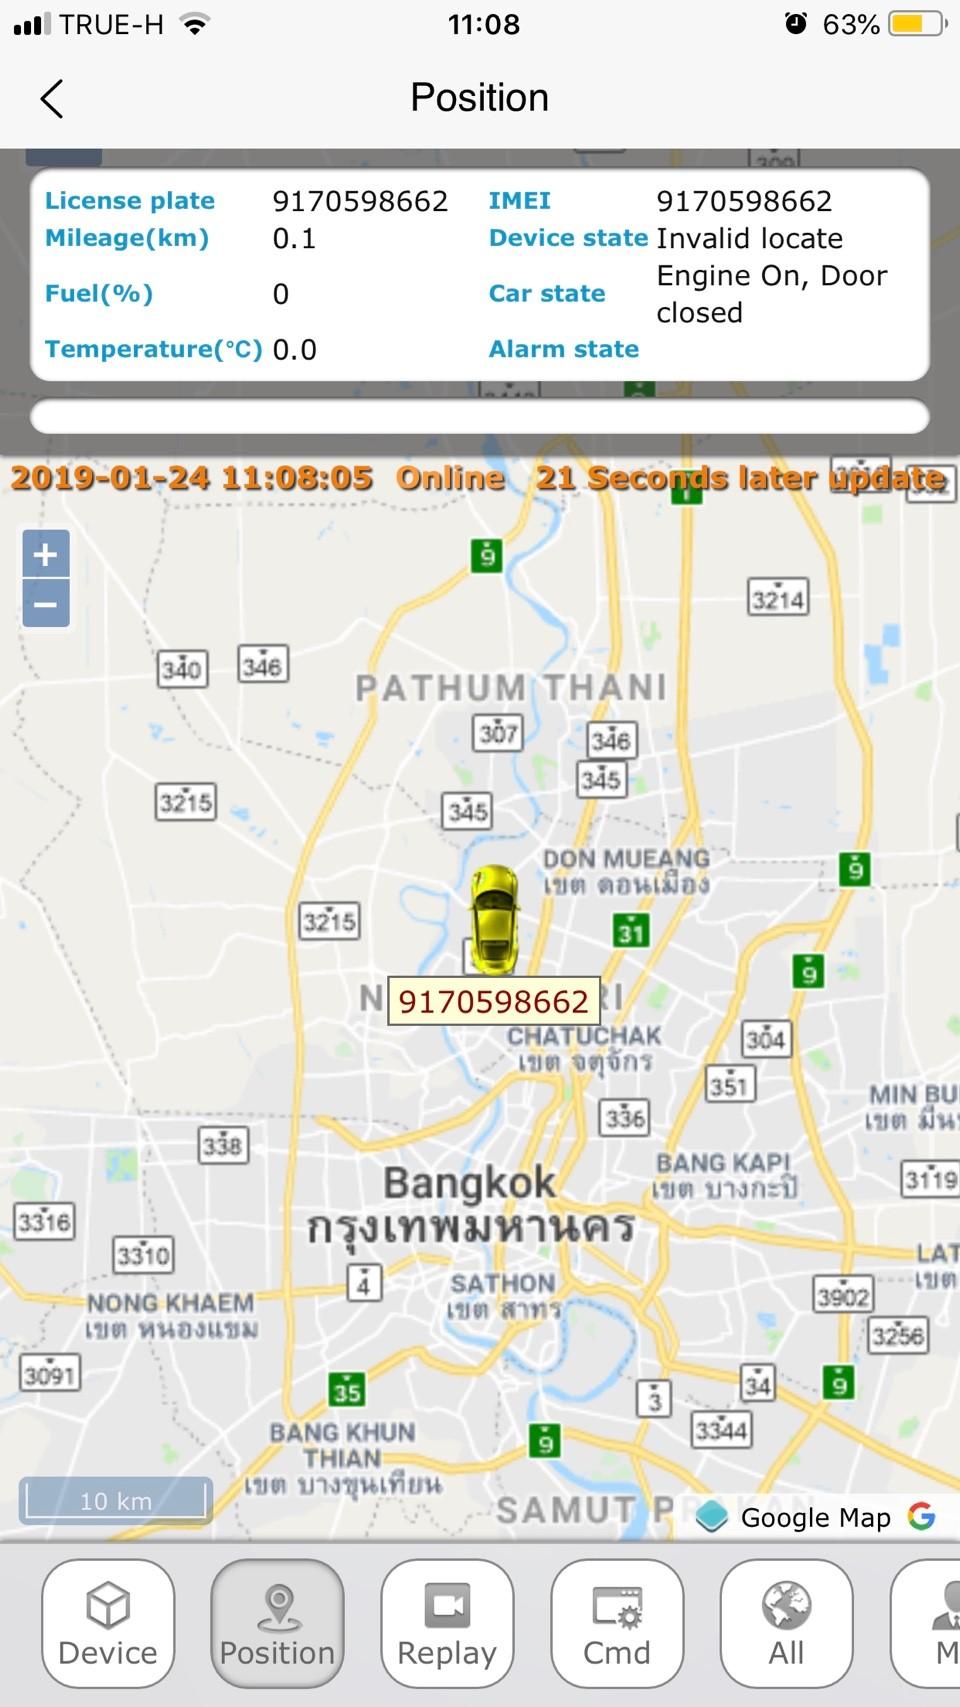 GPSติดตามรถ SINO TRACK ST901 ผ่านการรองรับมาตฐาน กสทช